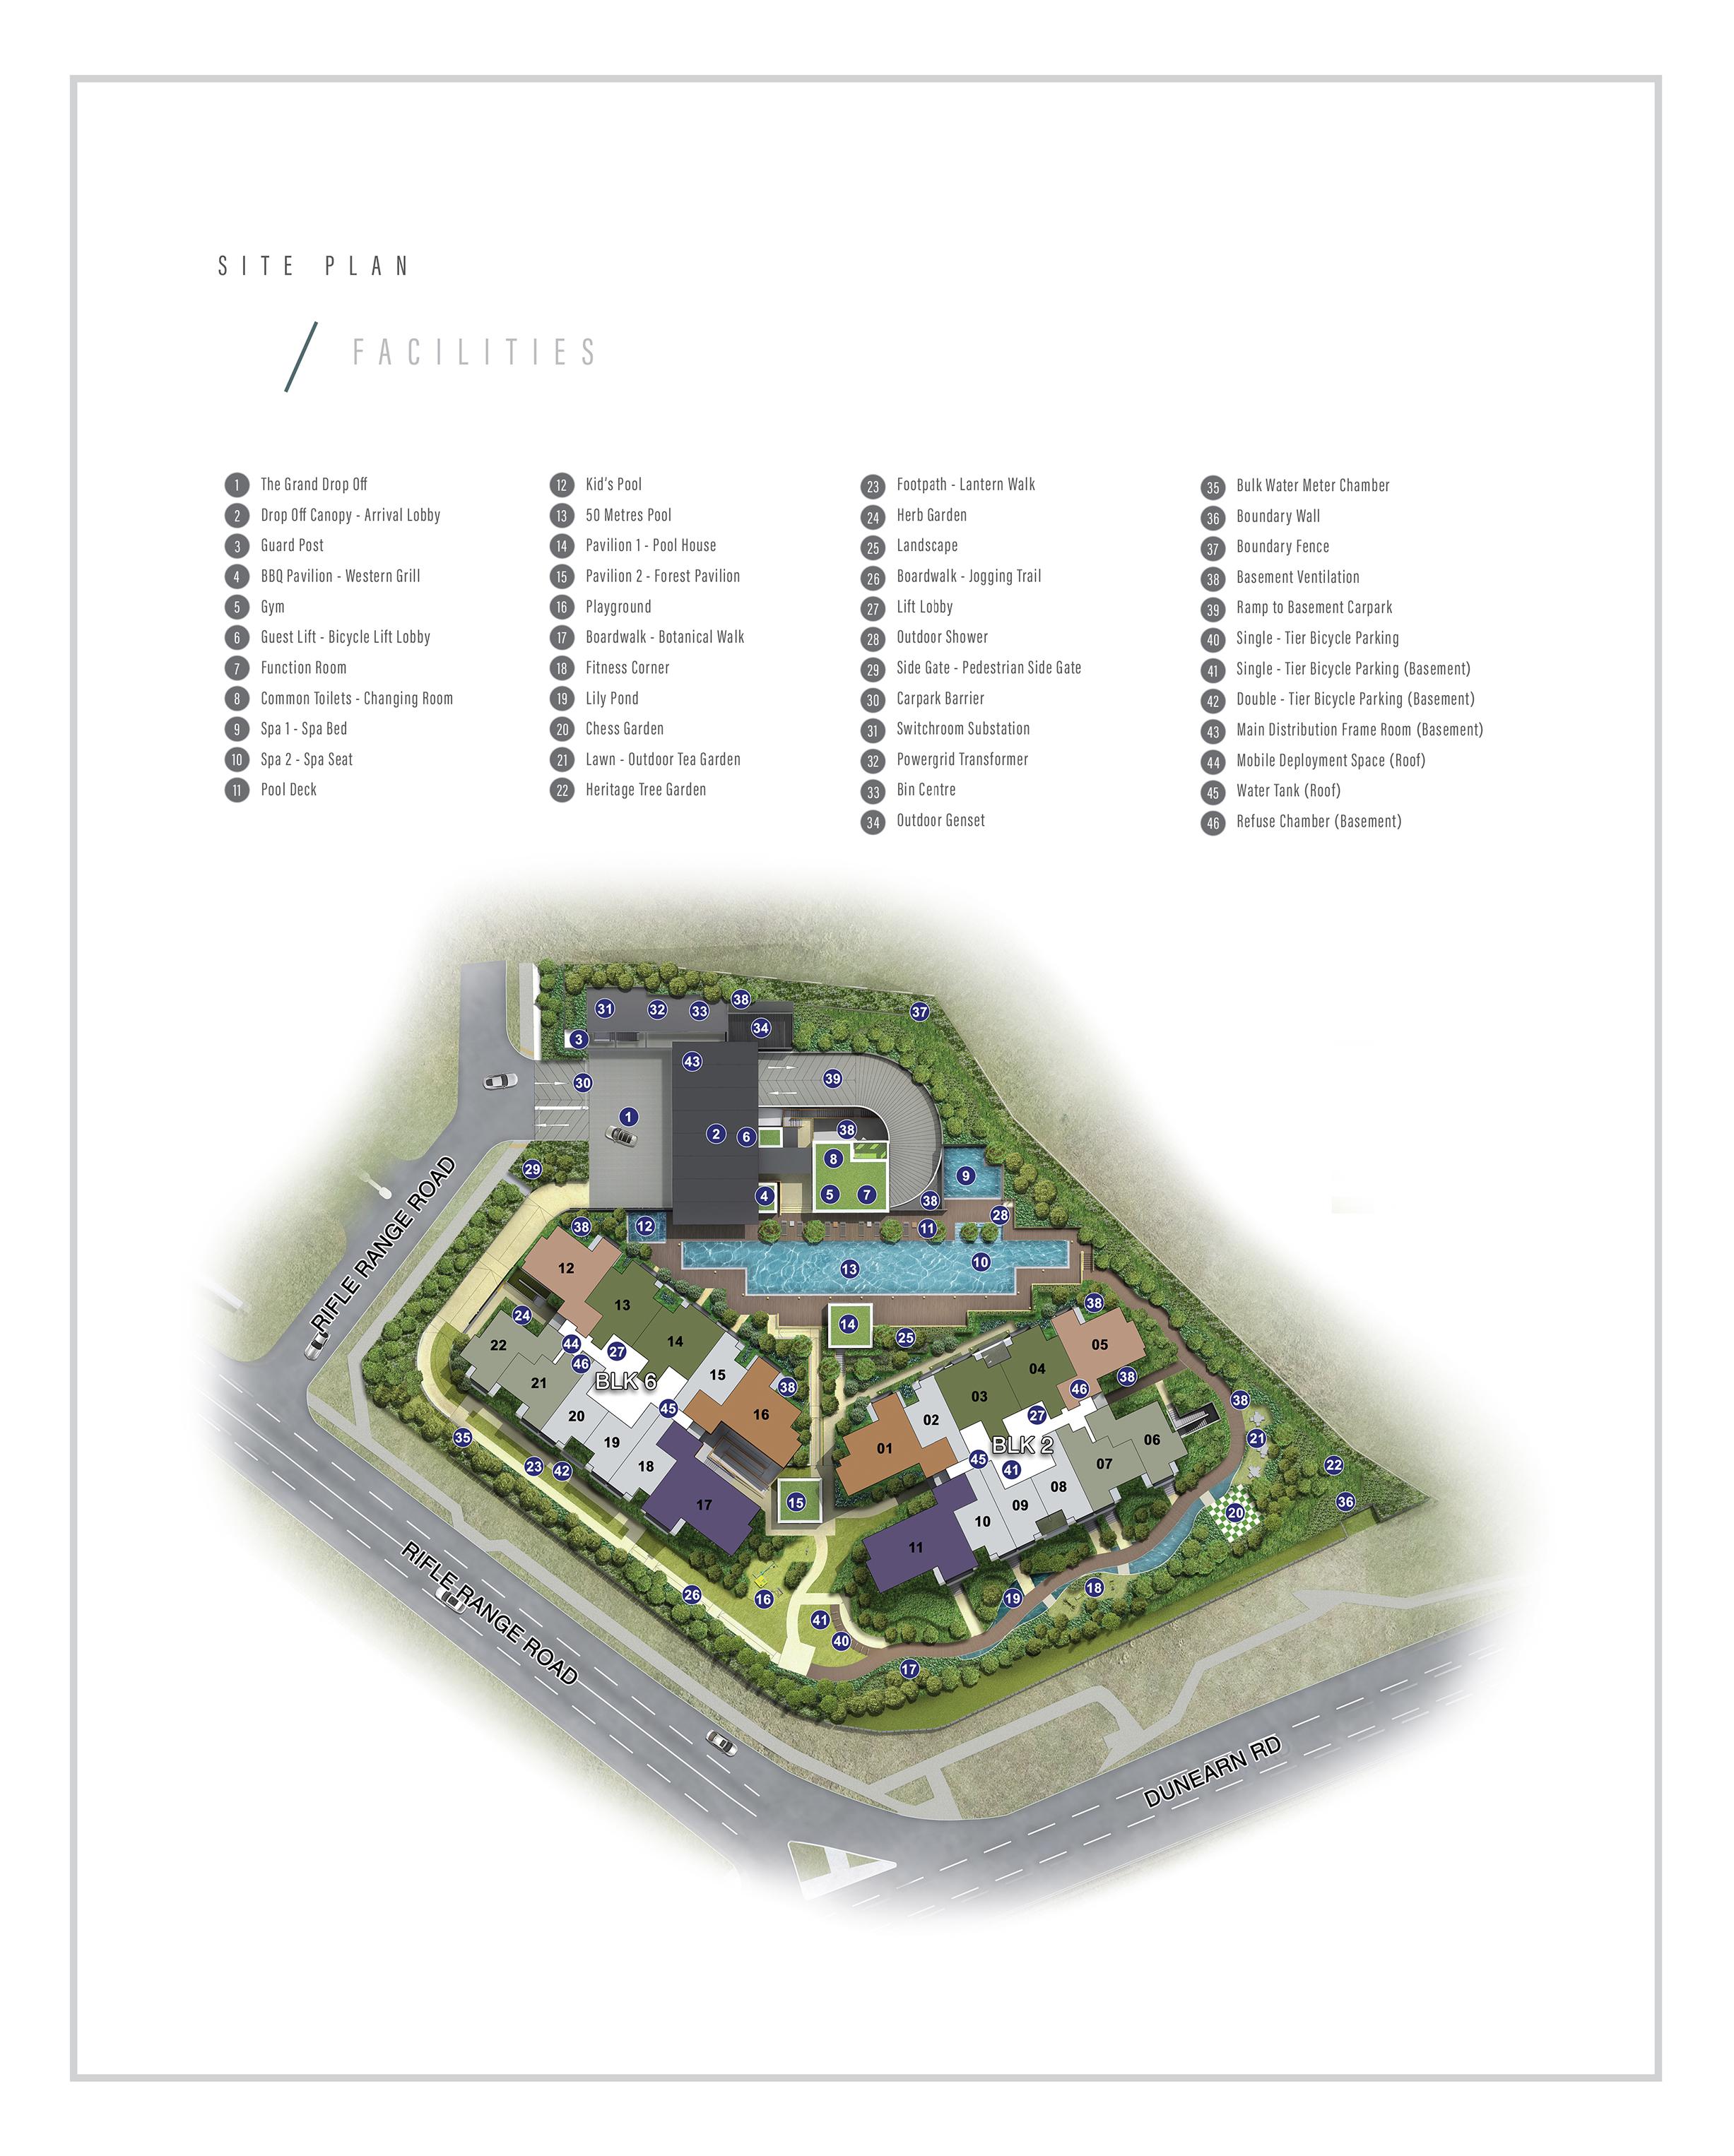 Mayfair Modern Site Plan - Facilities